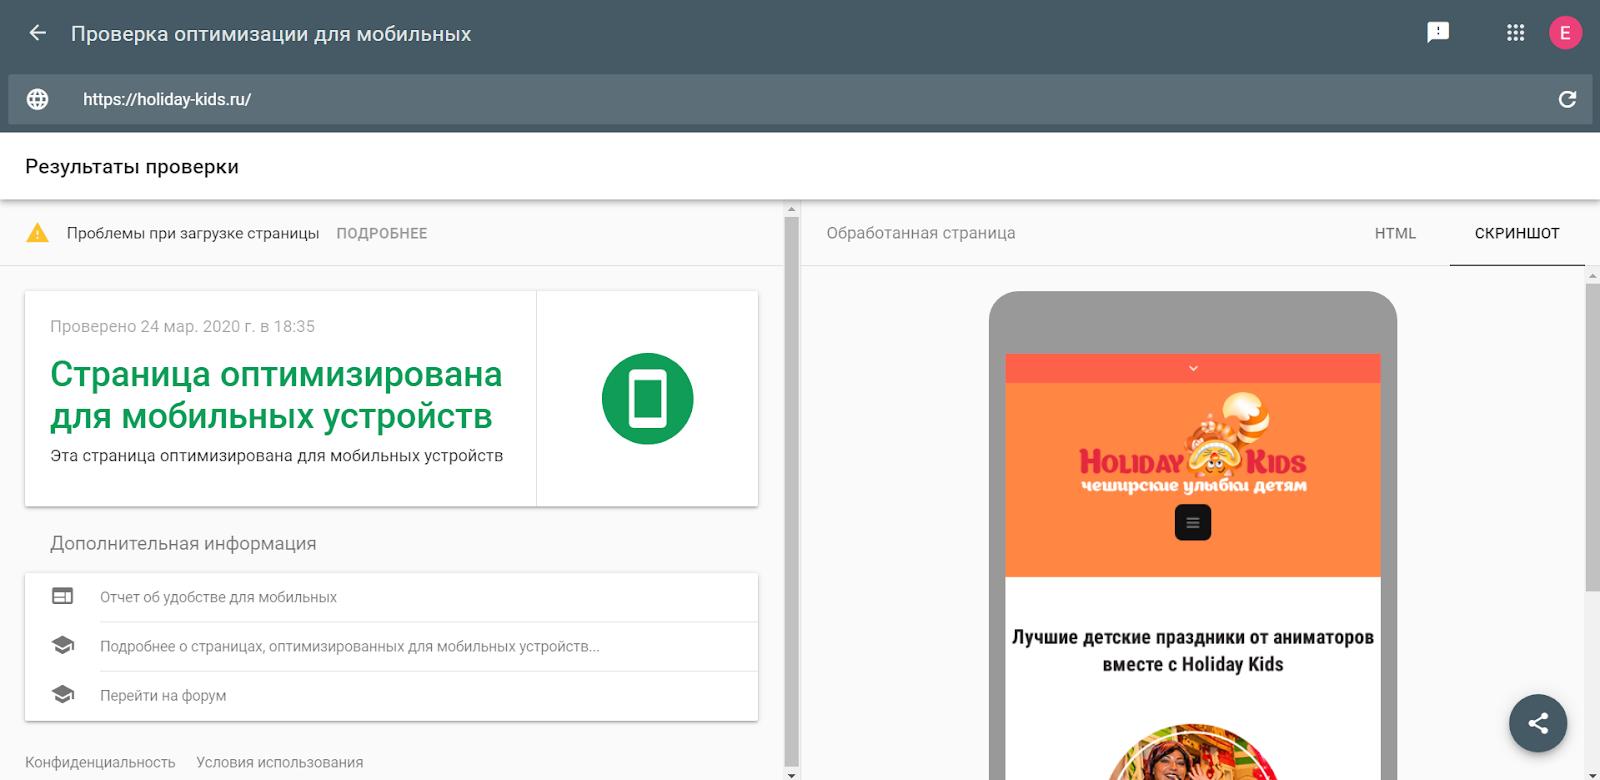 Проверка оптимизации сайта для мобильных устройств